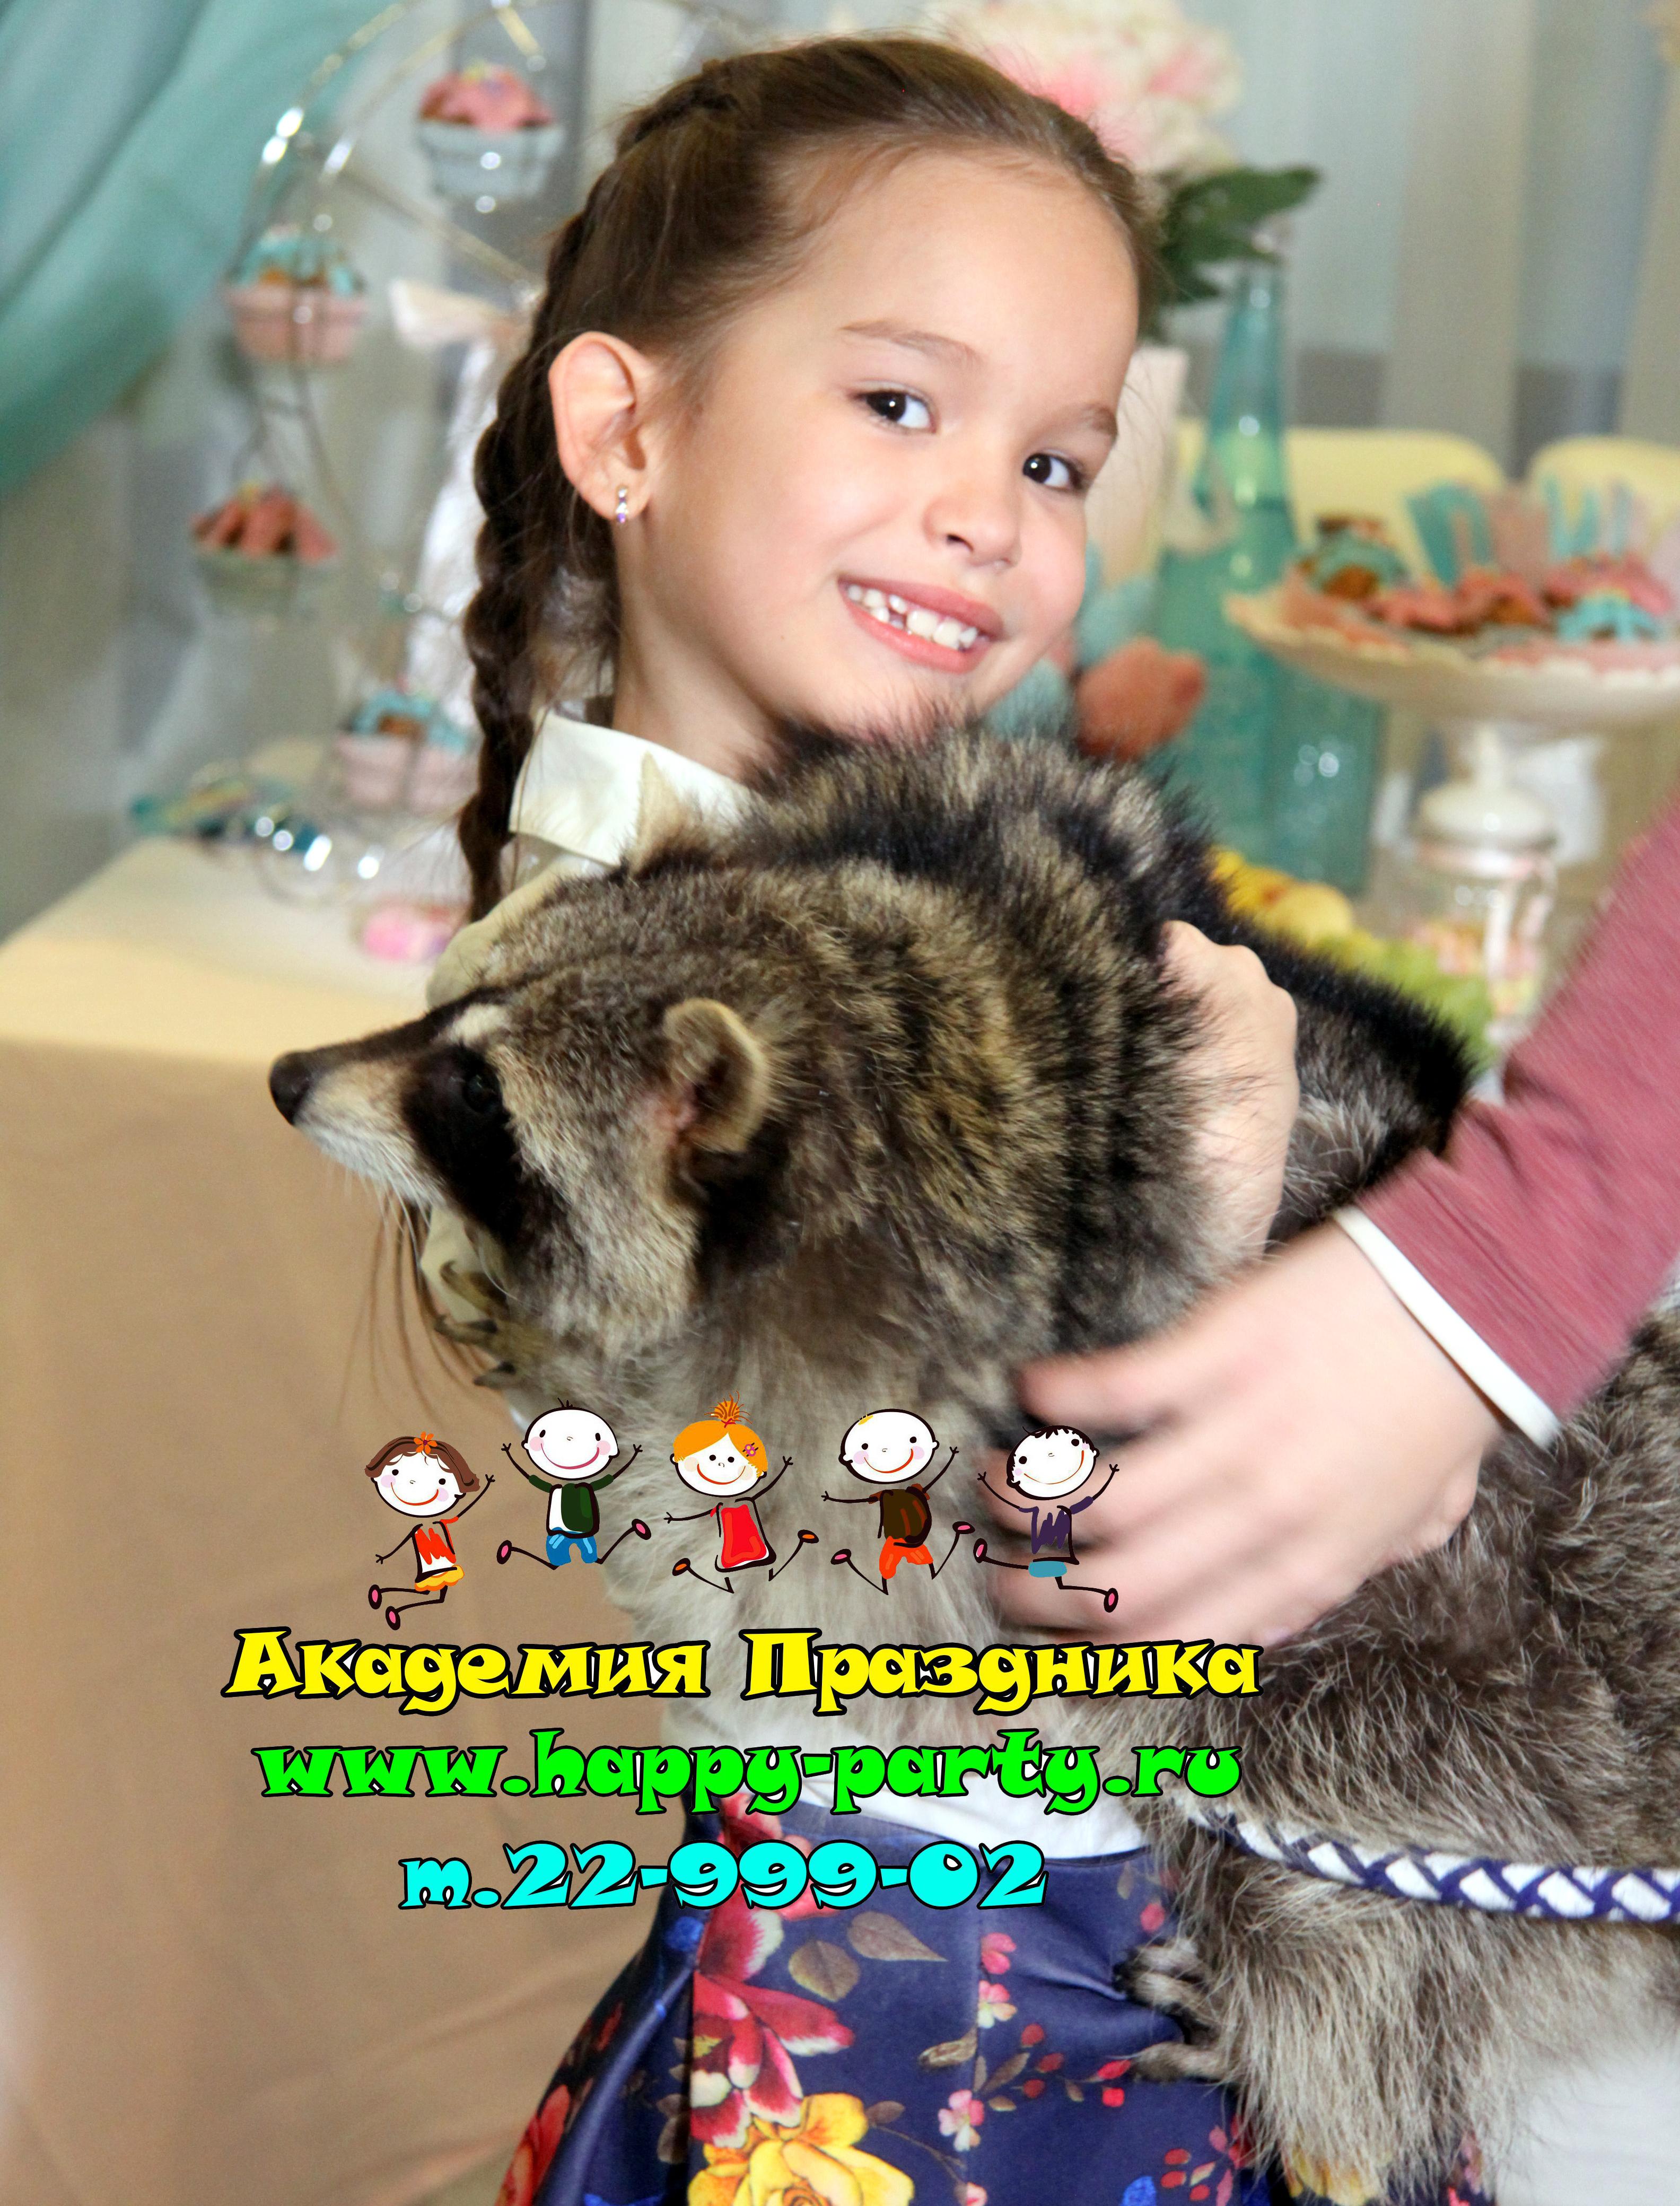 шоу с животными на праздник